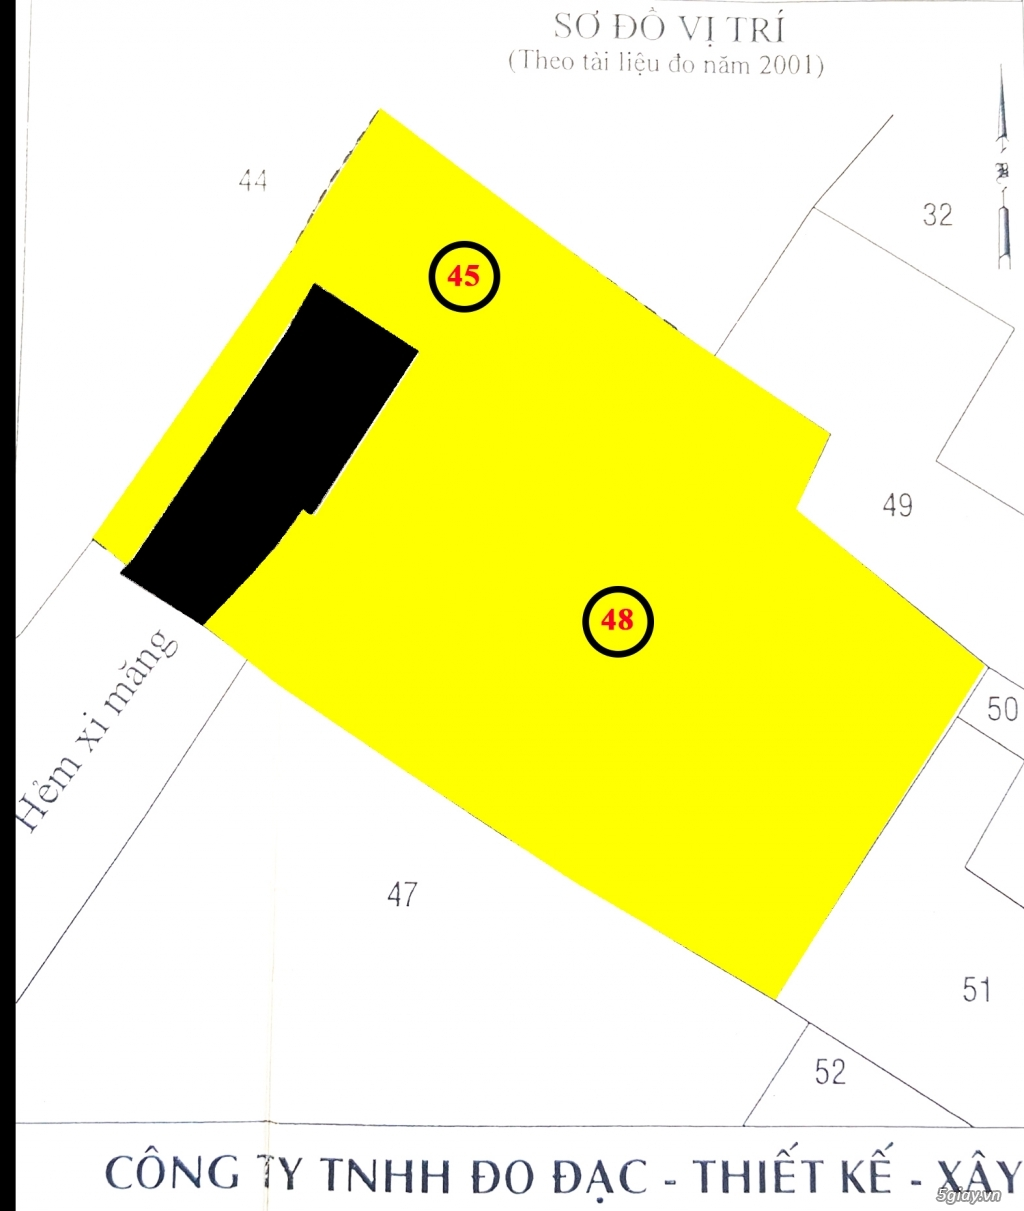 BÁN 02 NHÀ 249 m2 liền kề đường XÓM CHIẾU - QUẬN 4 - 3